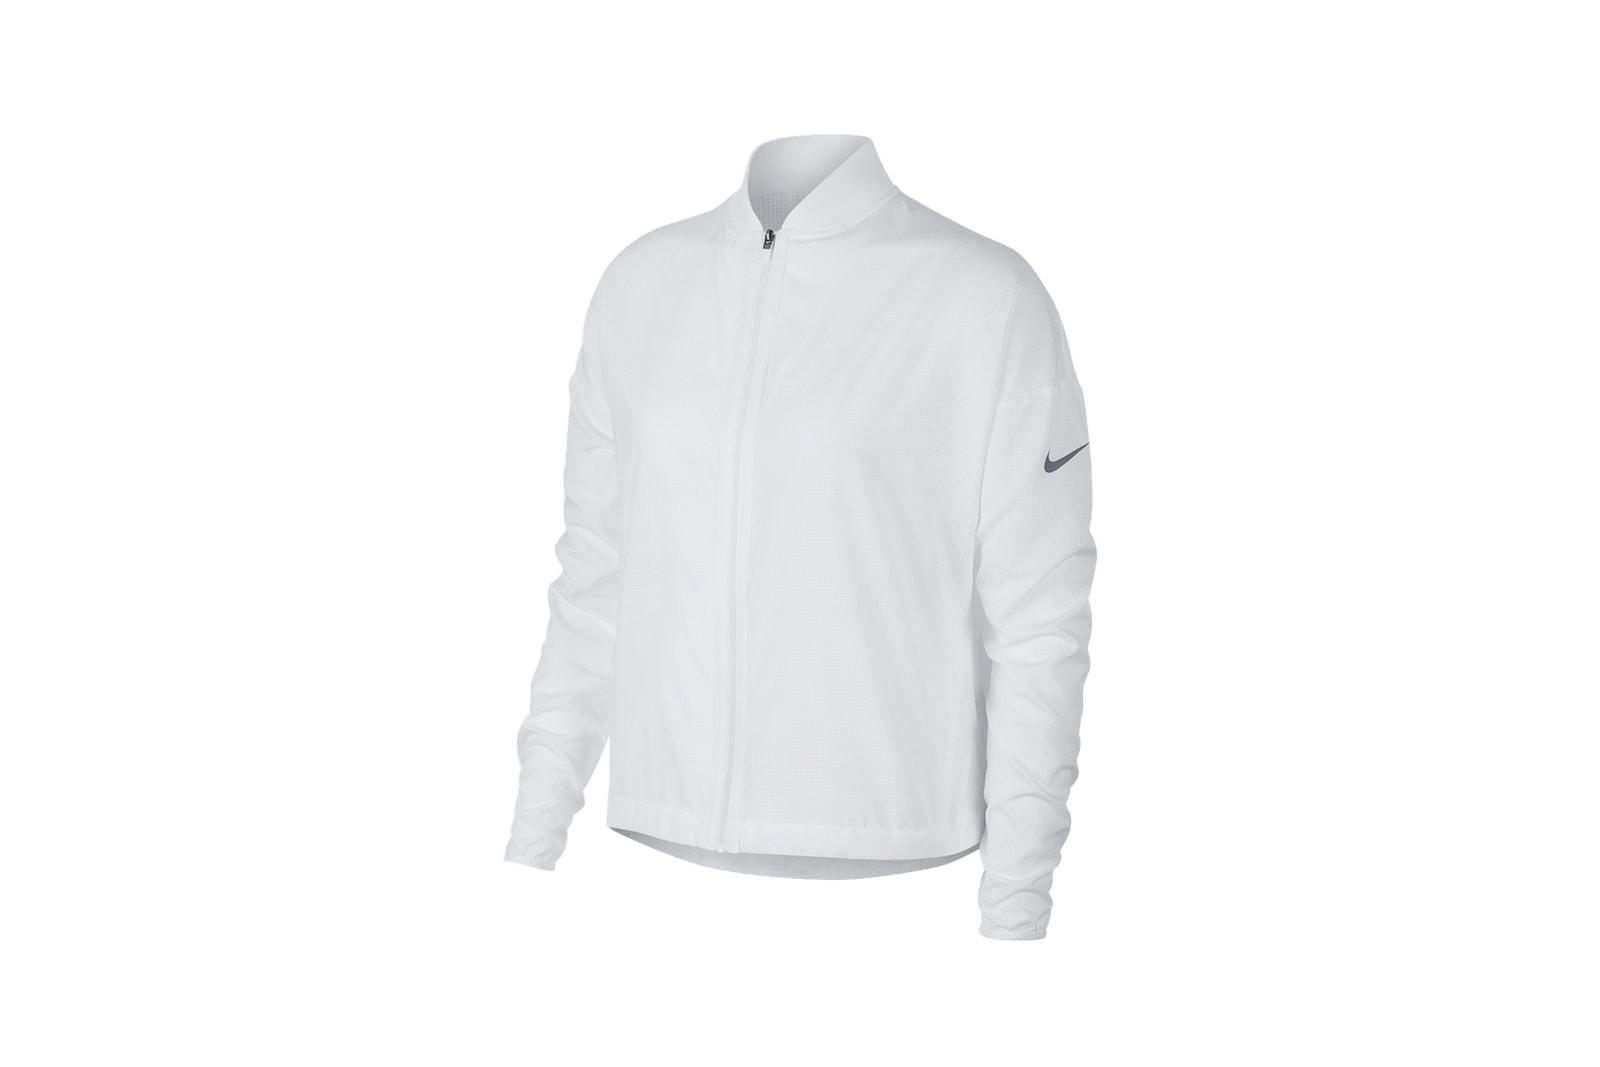 Sloane Stephens NikeCourt Slam Tank Victory Skirt White Lookbook